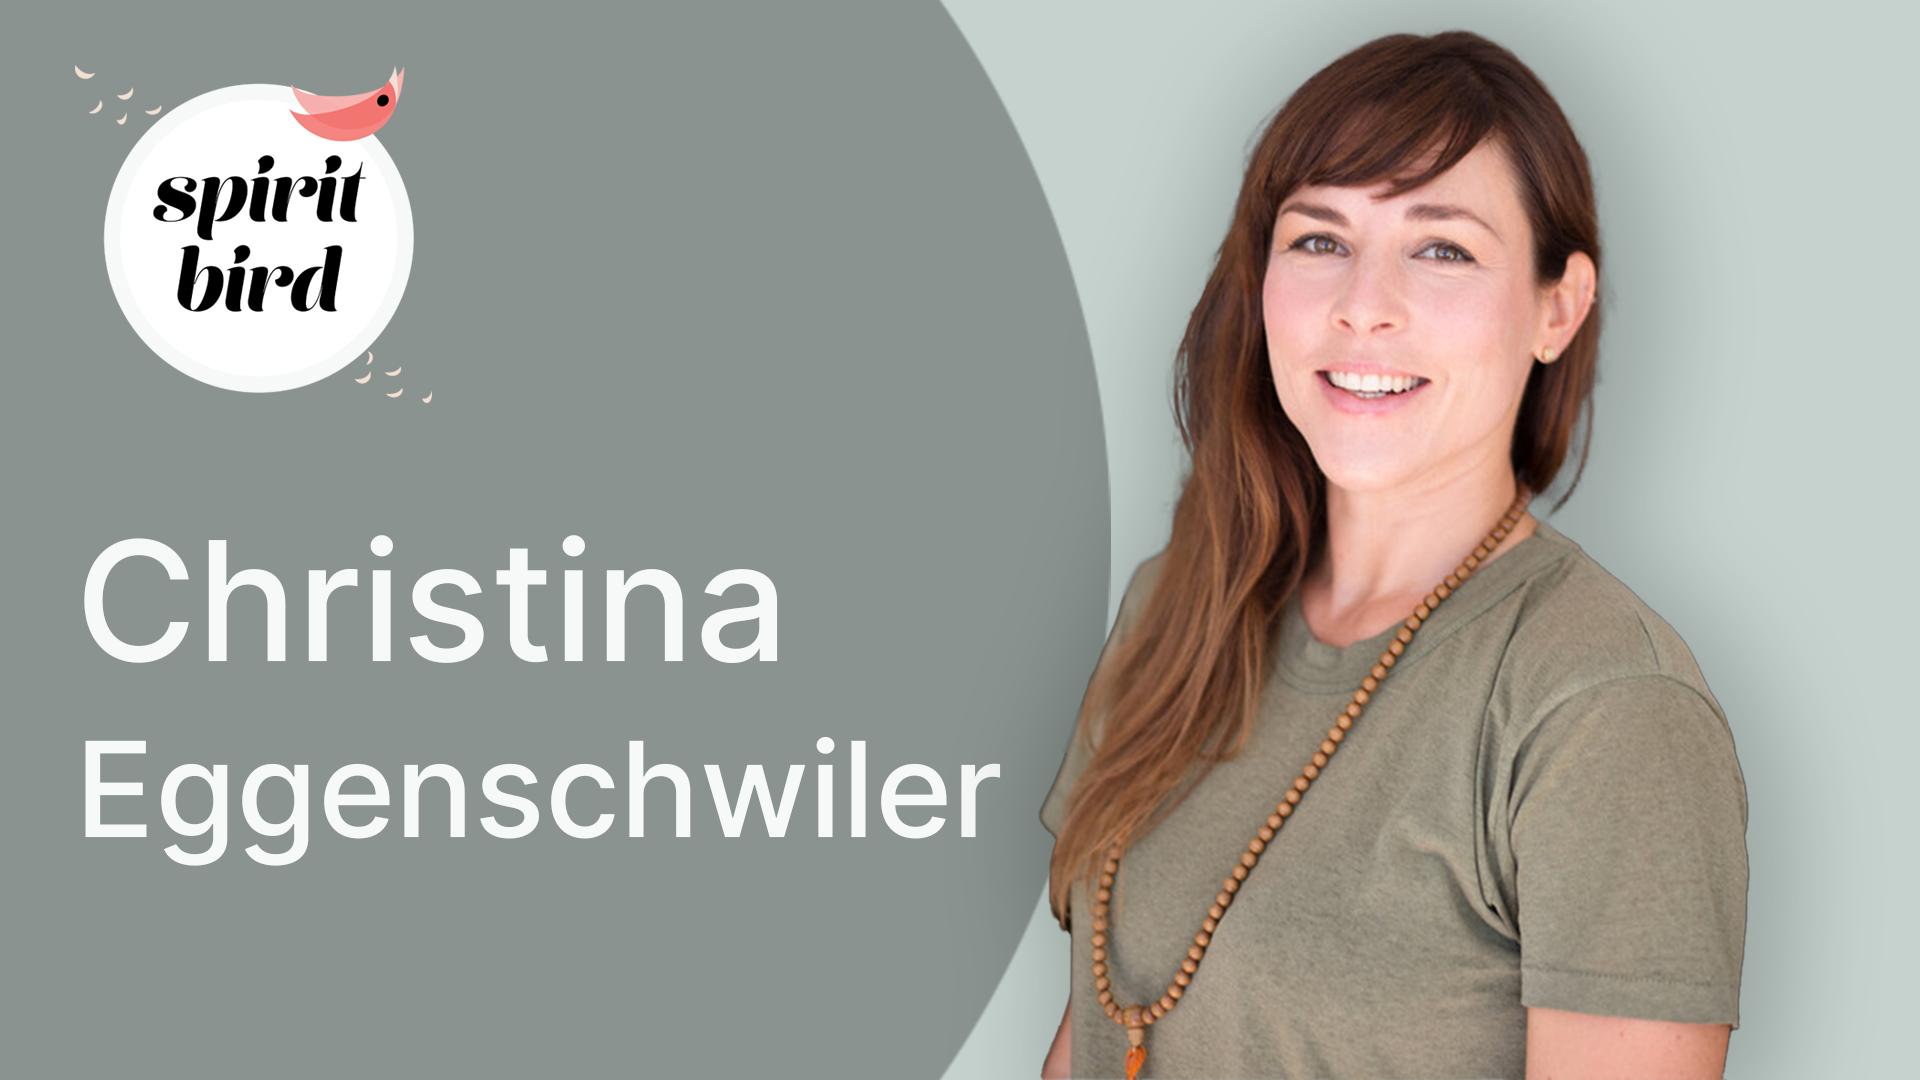 christina eggenschwiler speaker session on youtube